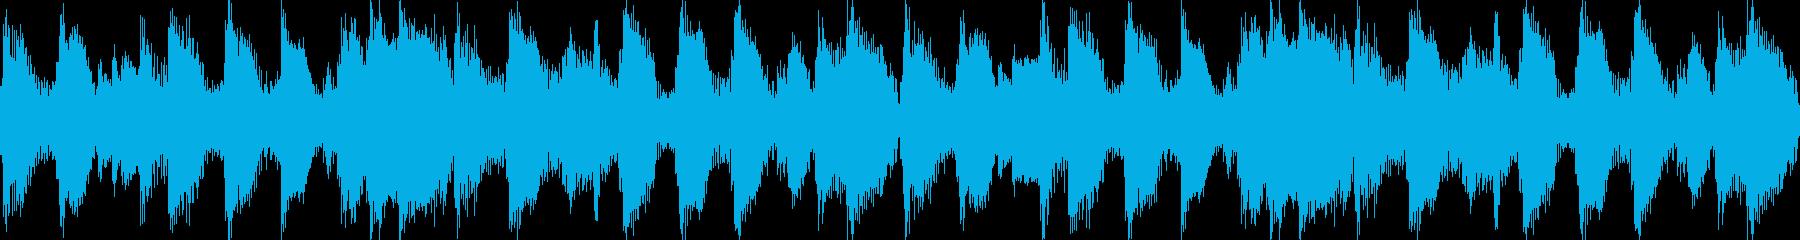 西部劇風(ループ素材)の再生済みの波形